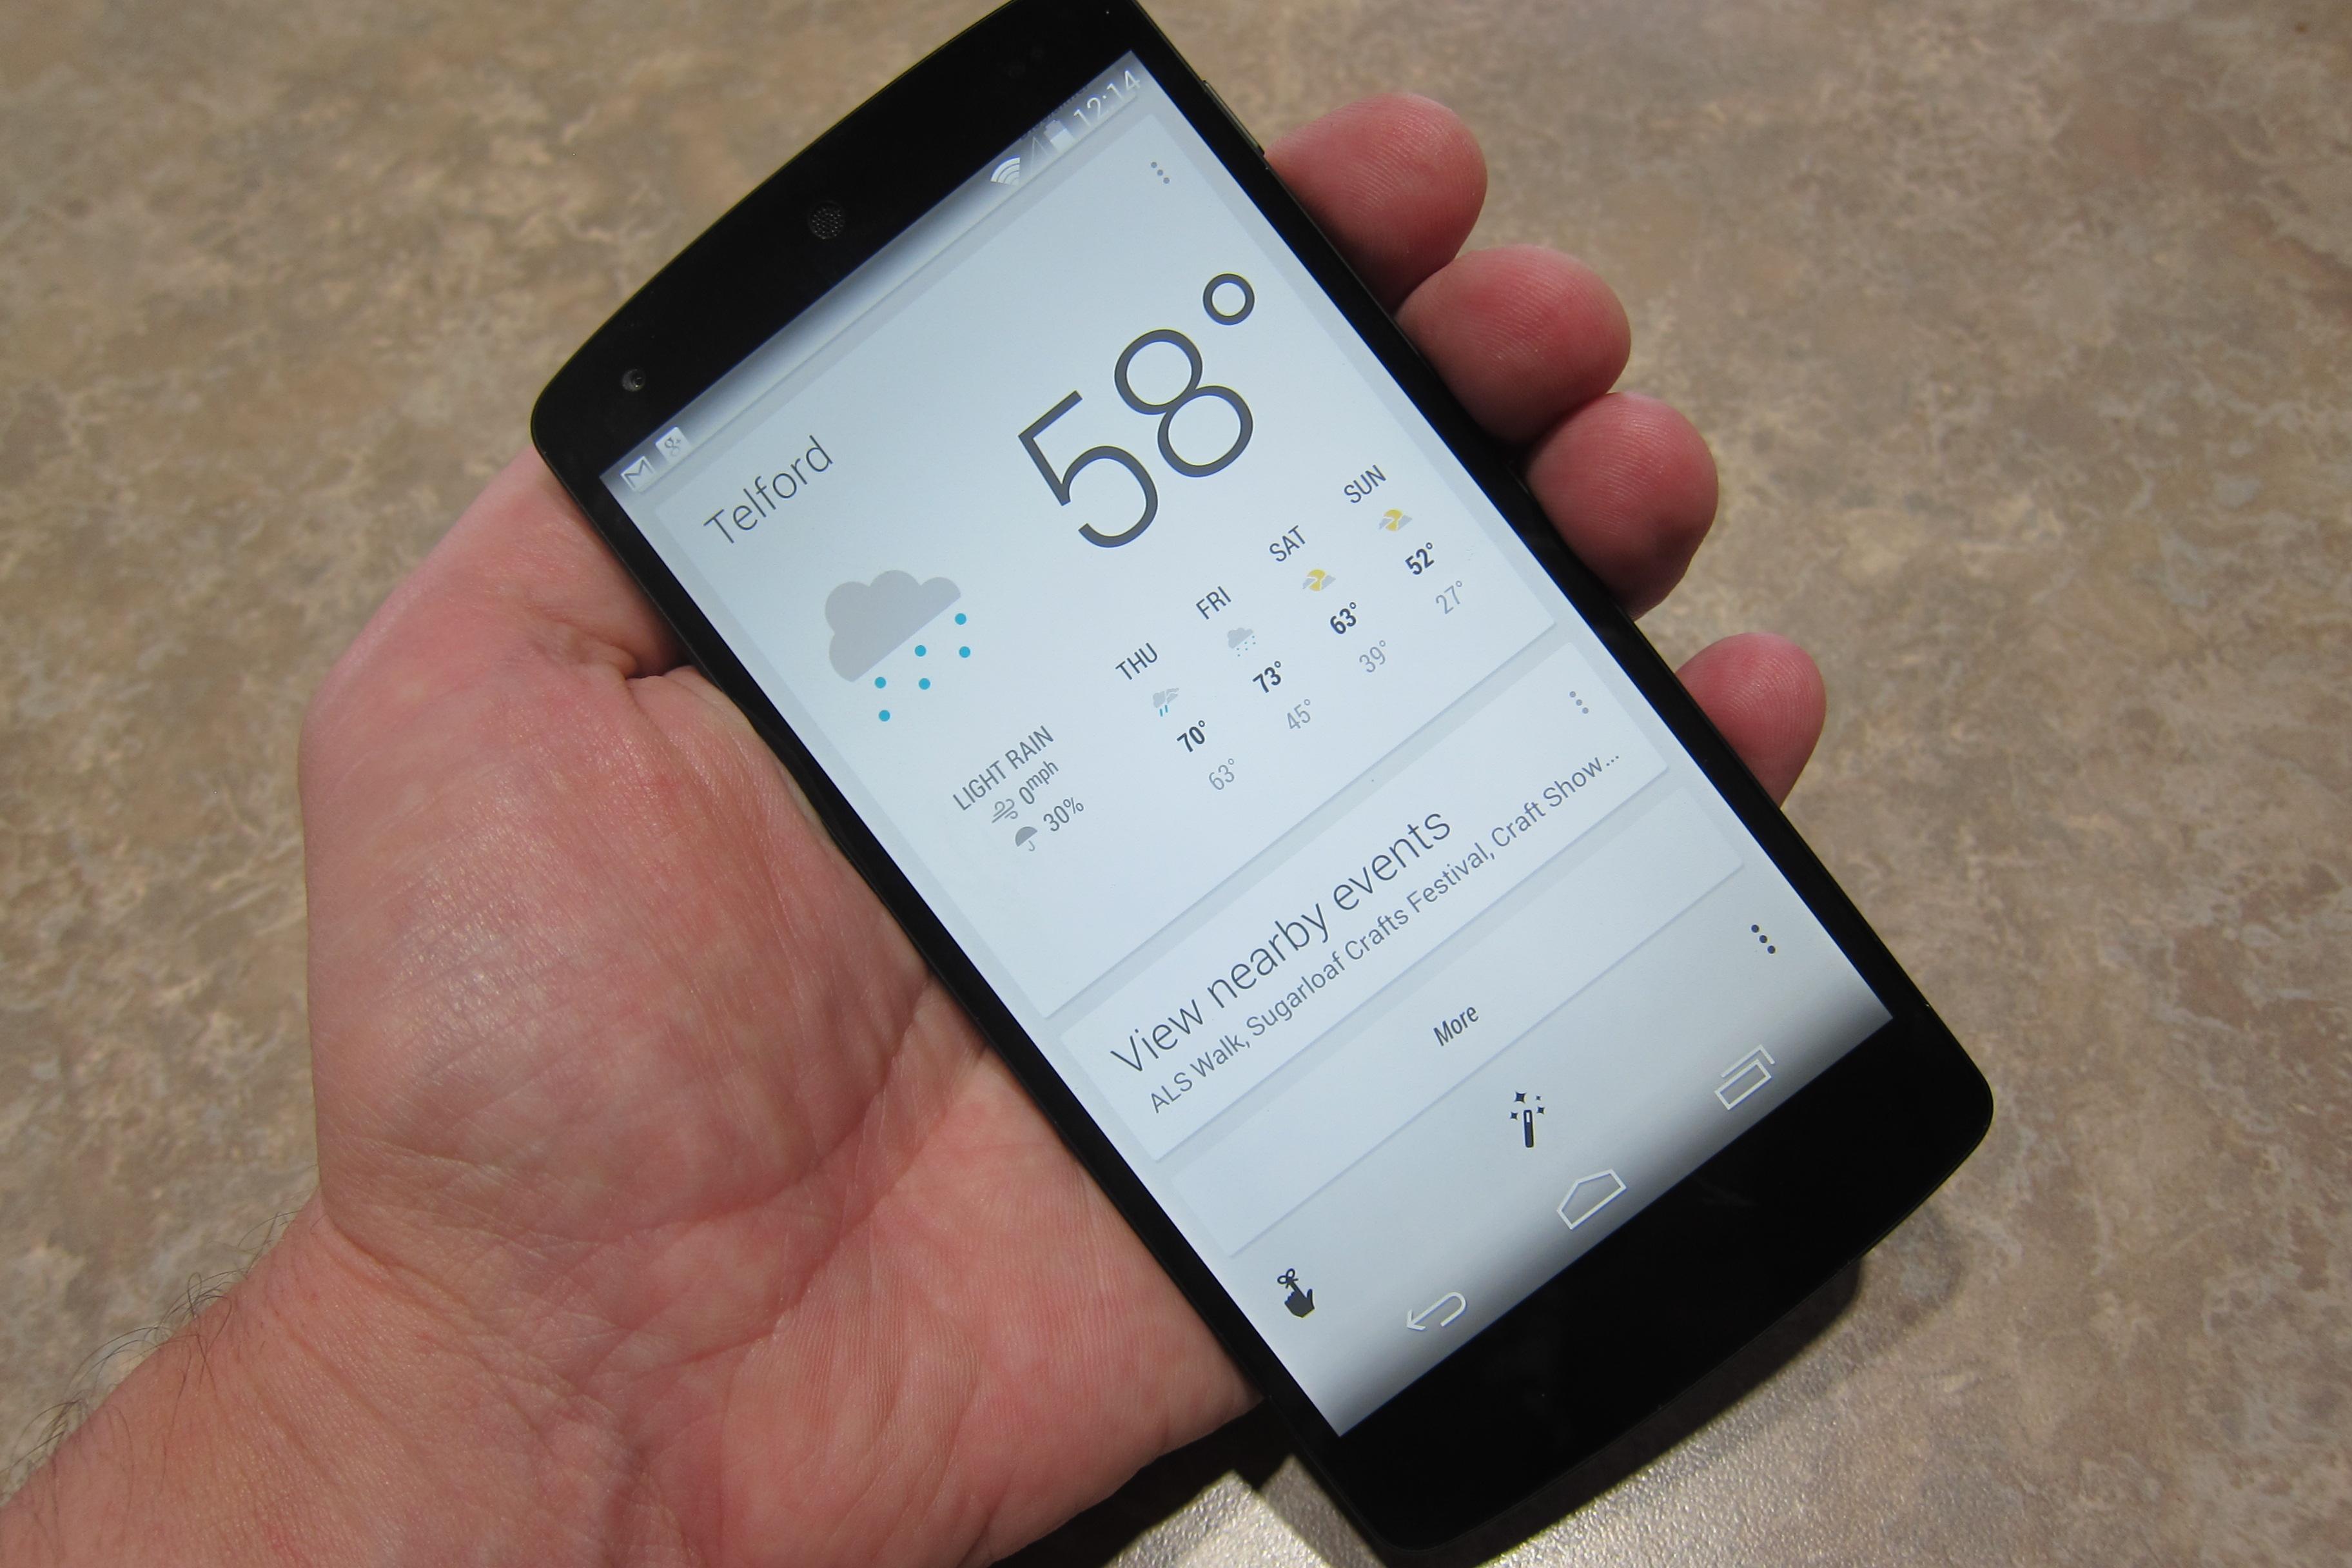 Nexus 5 Google Now